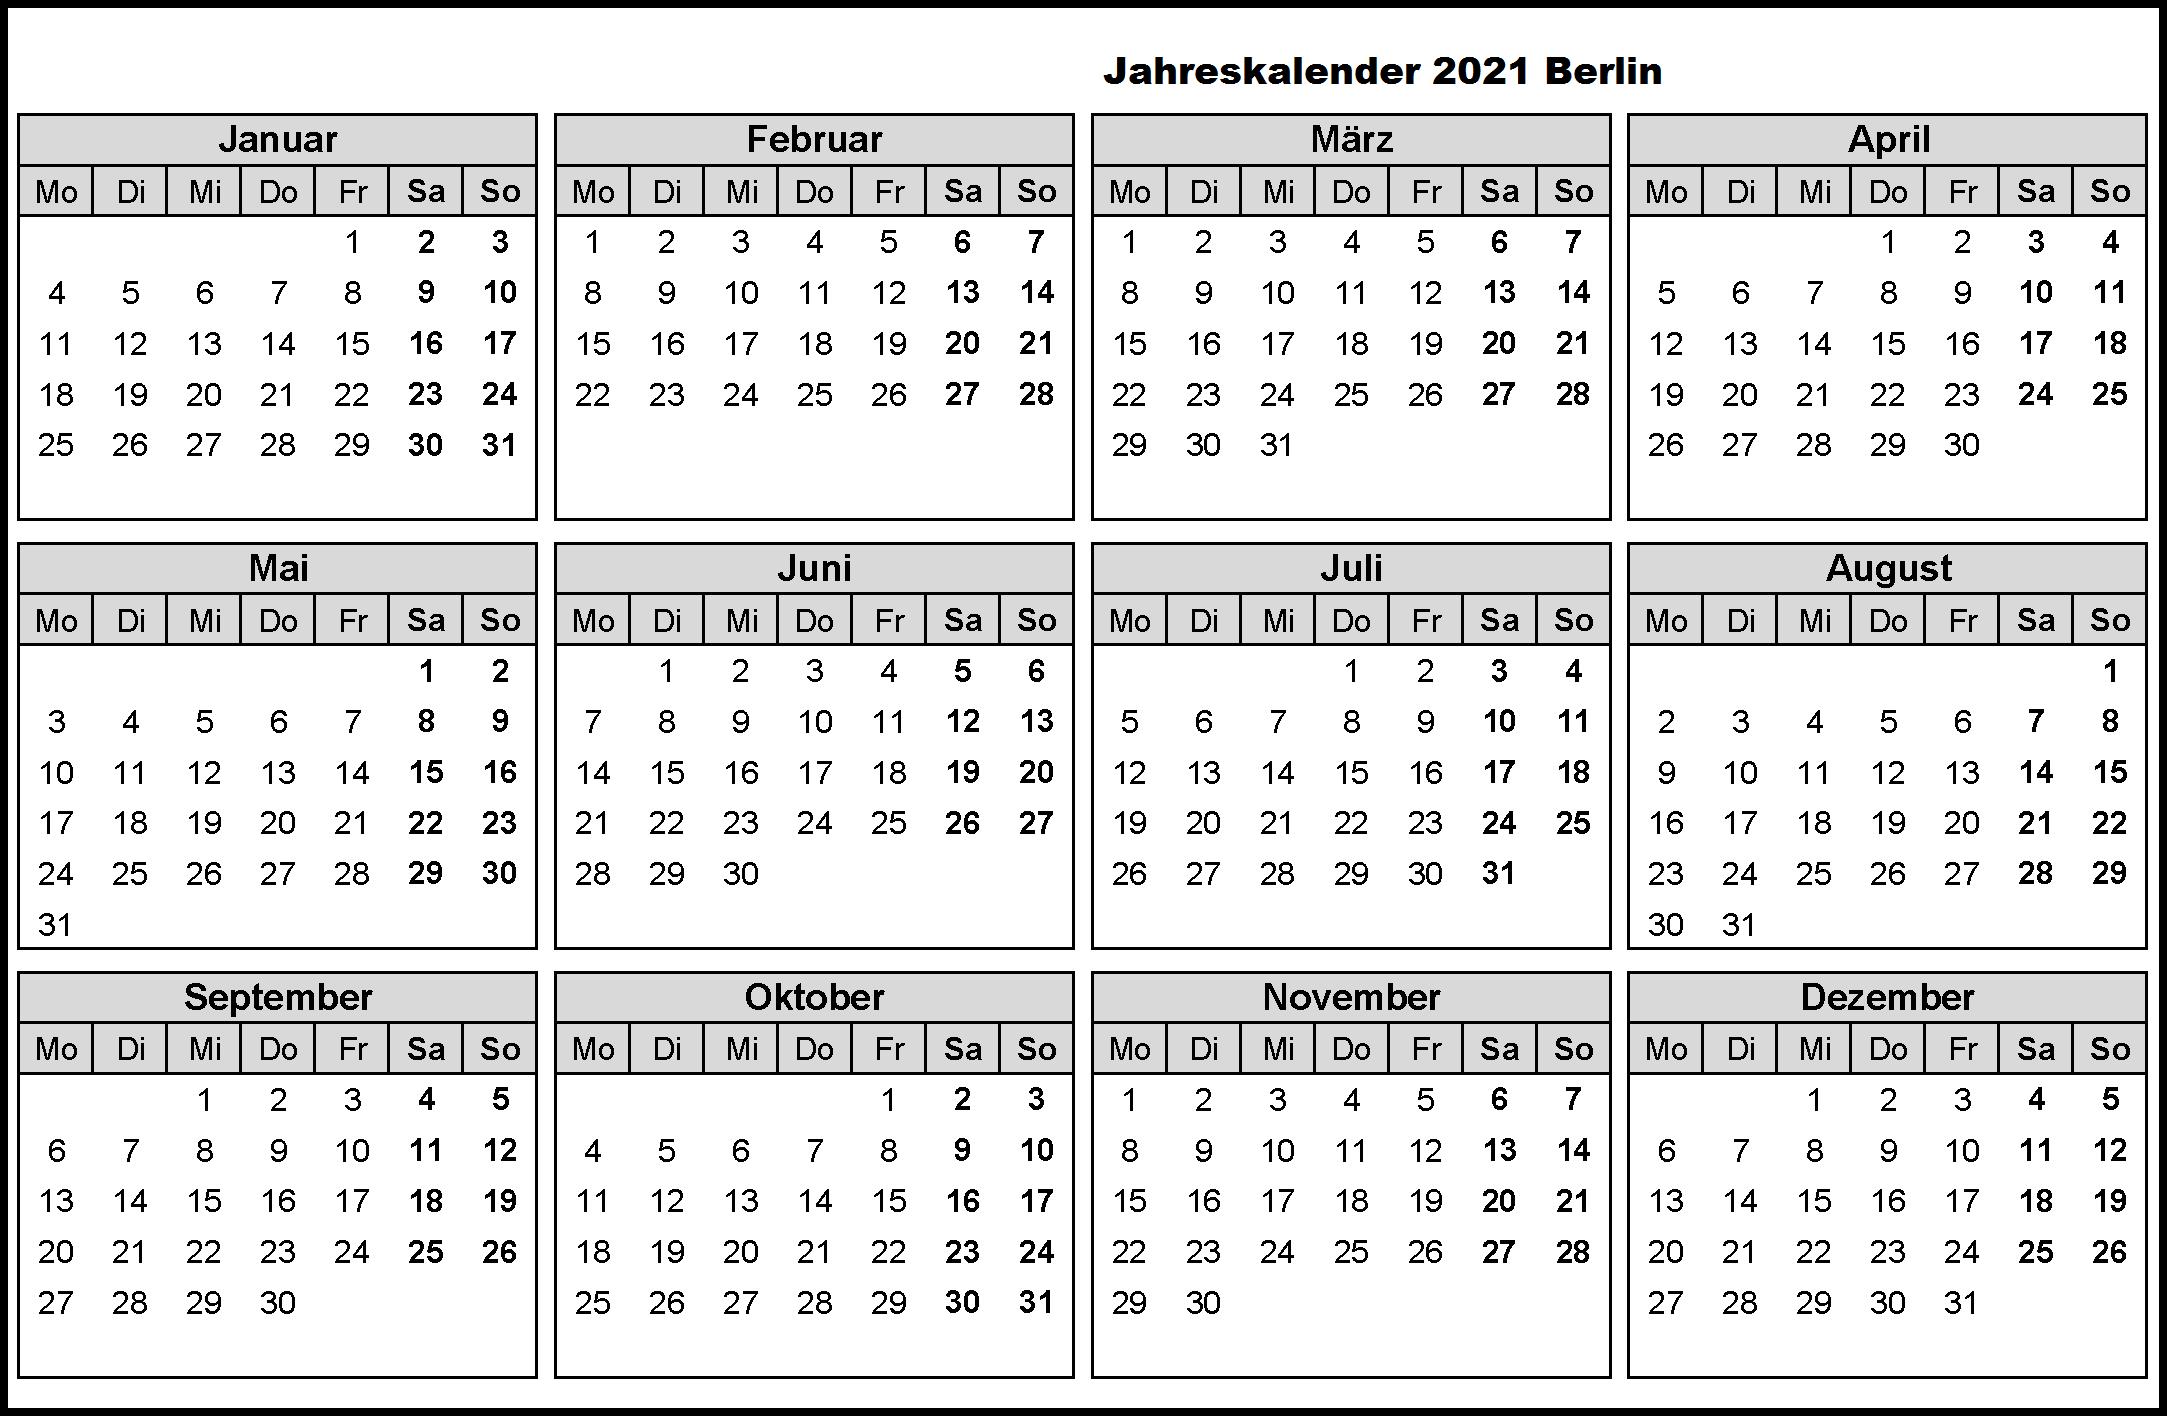 Jahreskalender 2021 Berlin MitFerien und Feiertagen